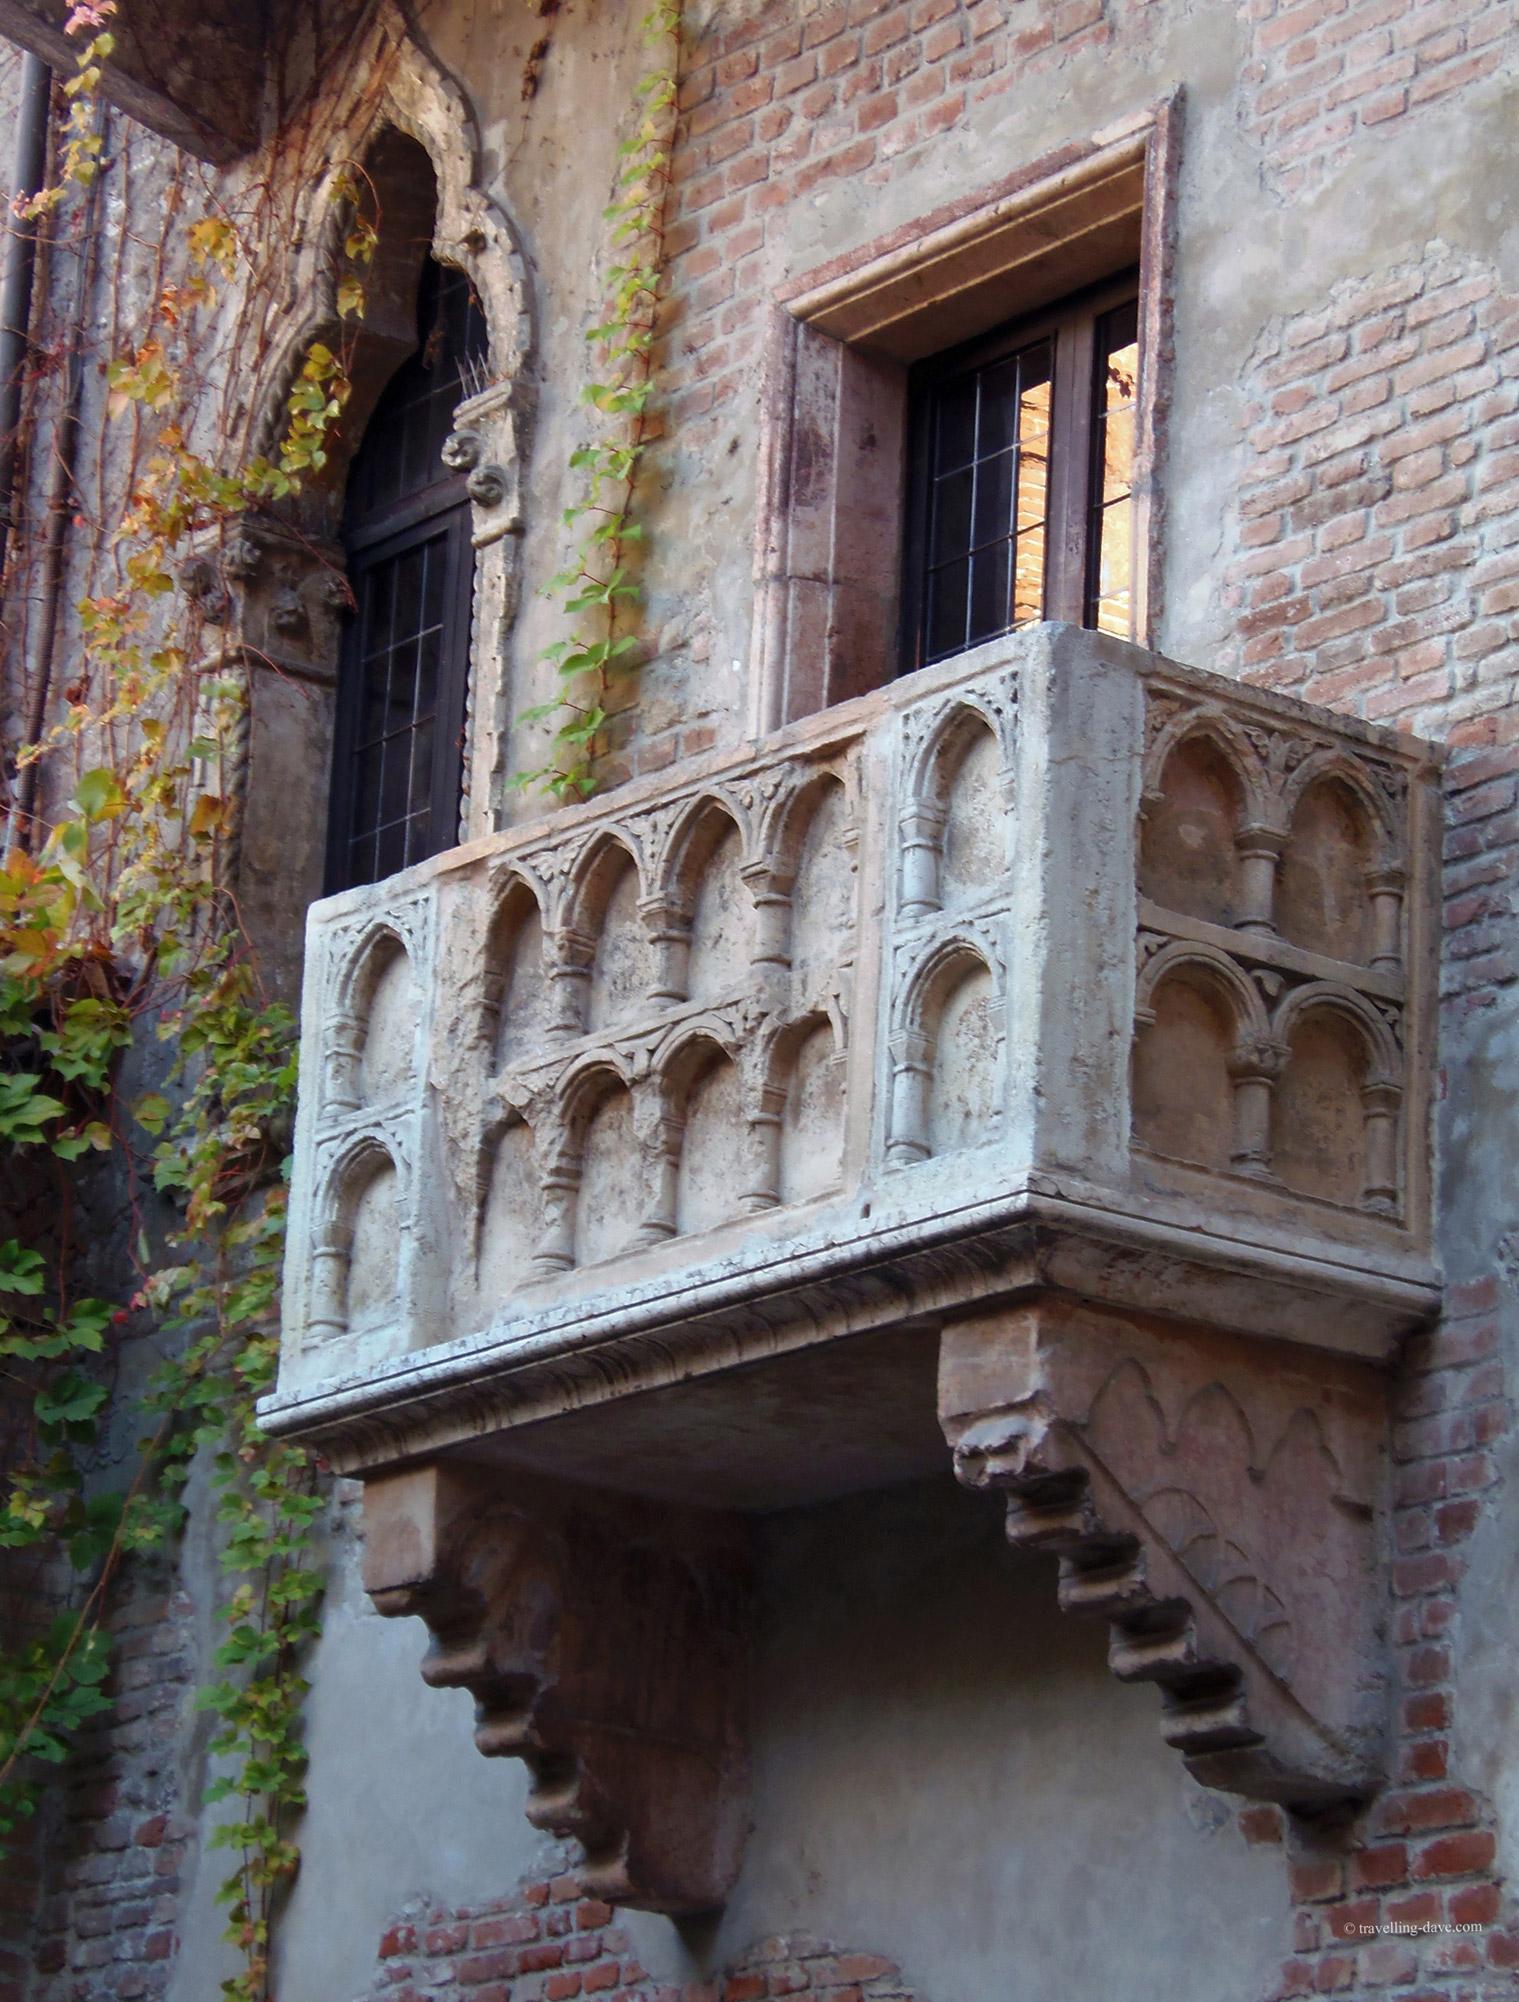 View of Juliet's balcony in Verona